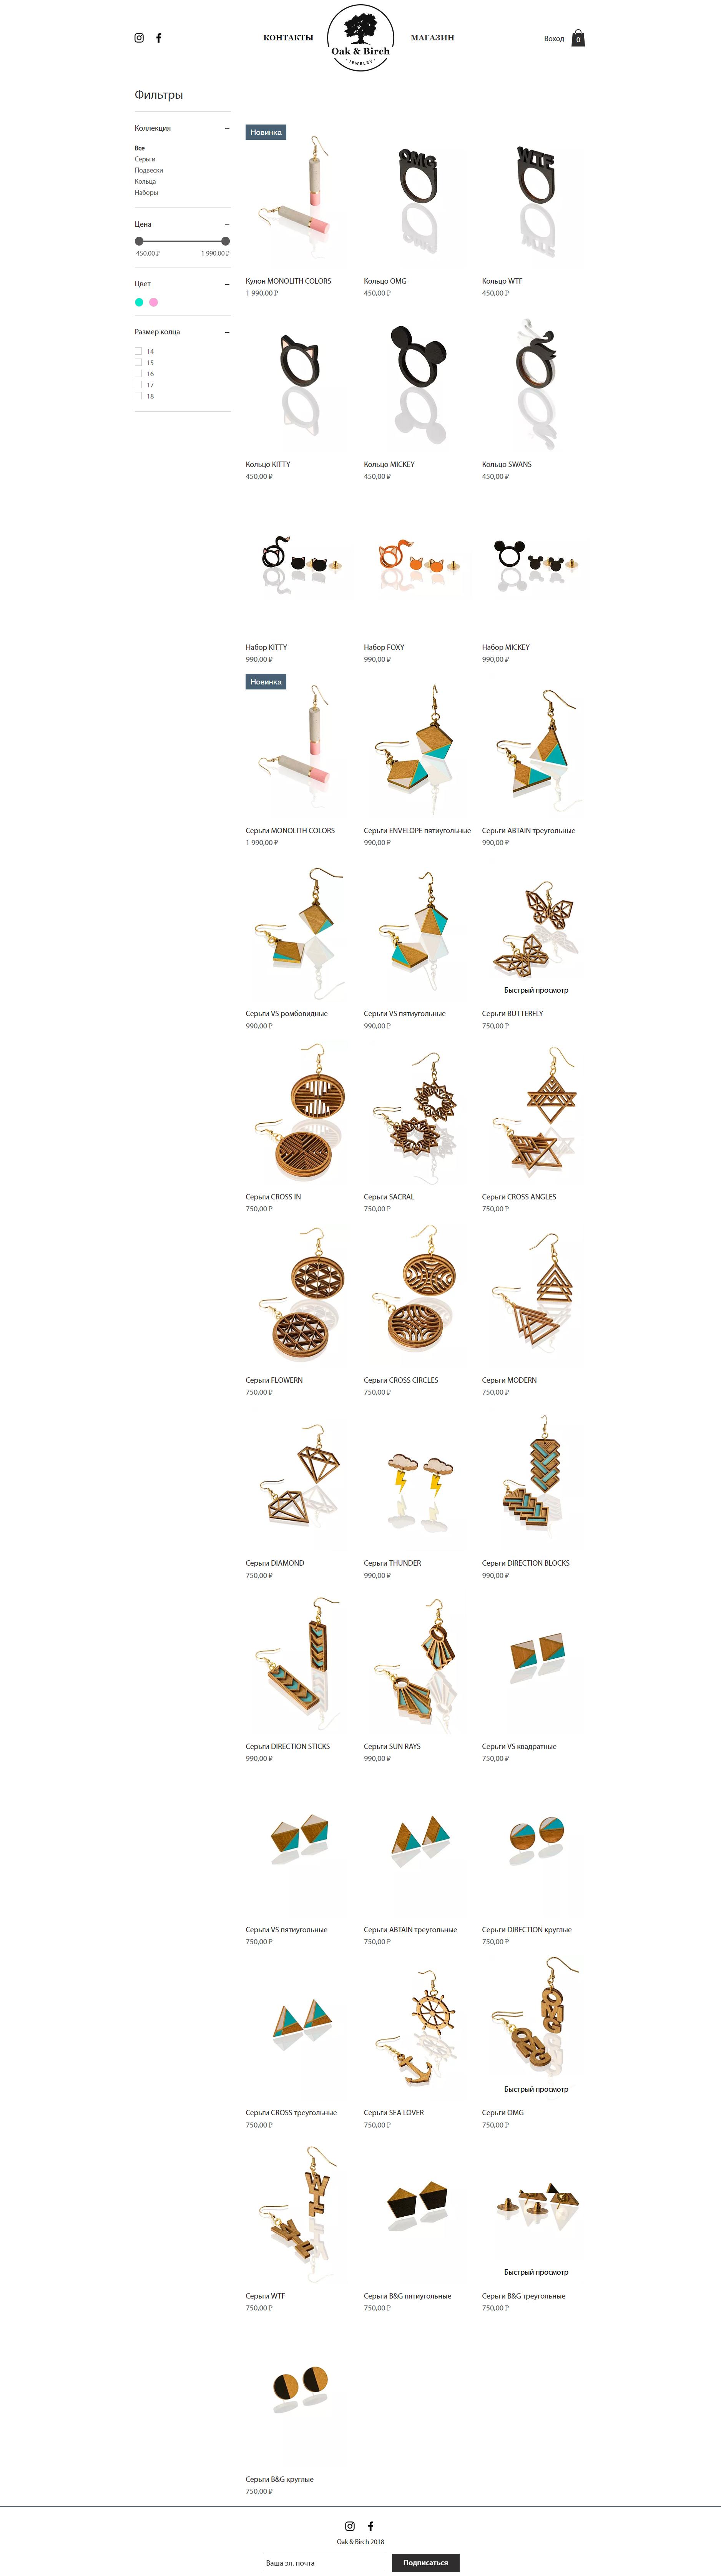 Интернет-магазин украшений ручной работы Oak & Birch | Контакты | Фильтры | Доставка | Личный кабинет